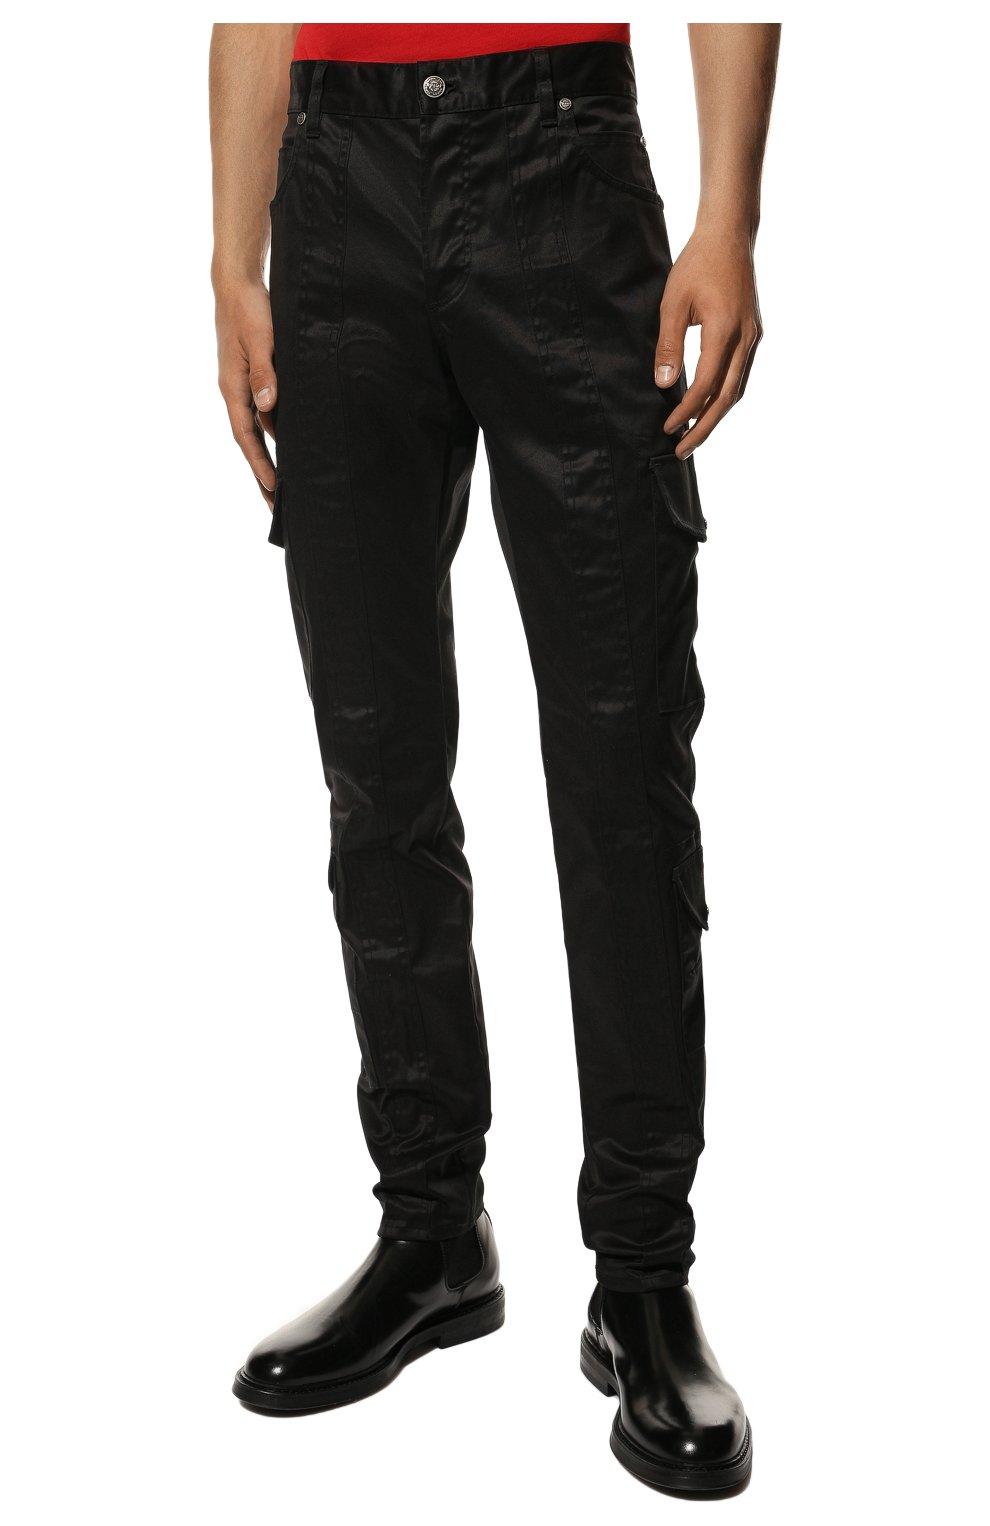 Мужские хлопковые брюки-карго BALMAIN черного цвета, арт. UH15377/Z043 | Фото 3 (Силуэт М (брюки): Карго; Длина (брюки, джинсы): Стандартные; Случай: Повседневный; Стили: Панк; Материал внешний: Хлопок)